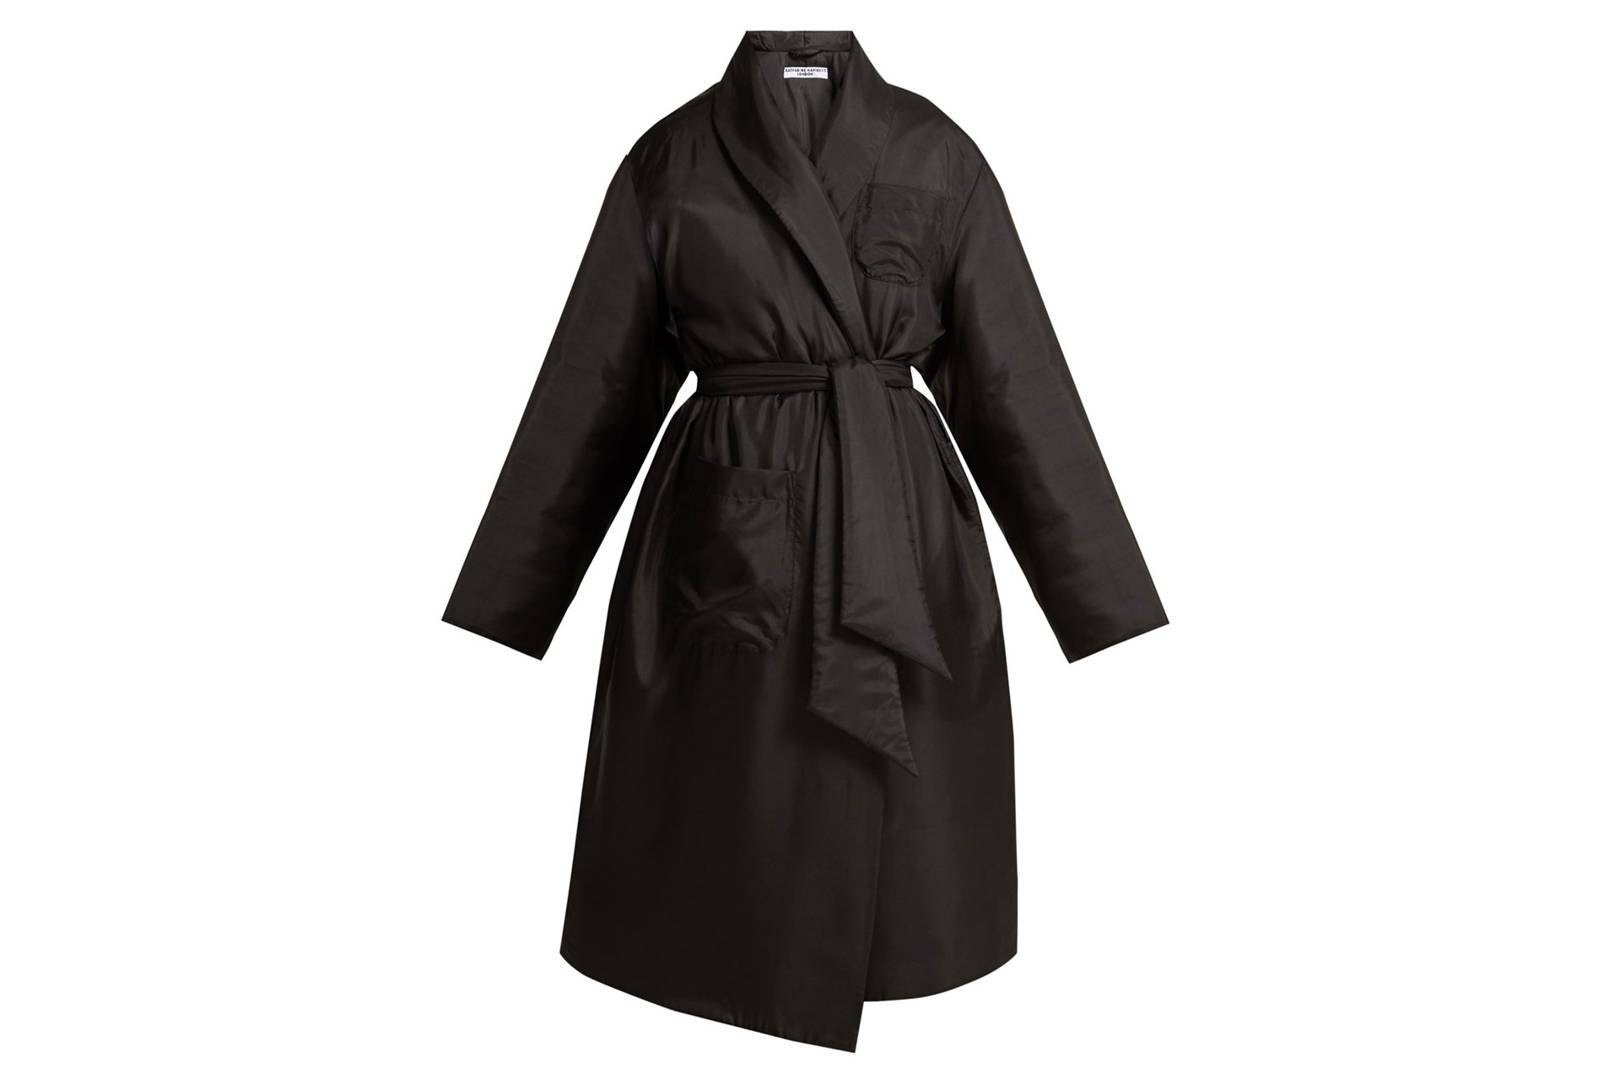 4f8d705cf Best Winter Coats 2018 | The Women's Winter Coats To Buy Now ...